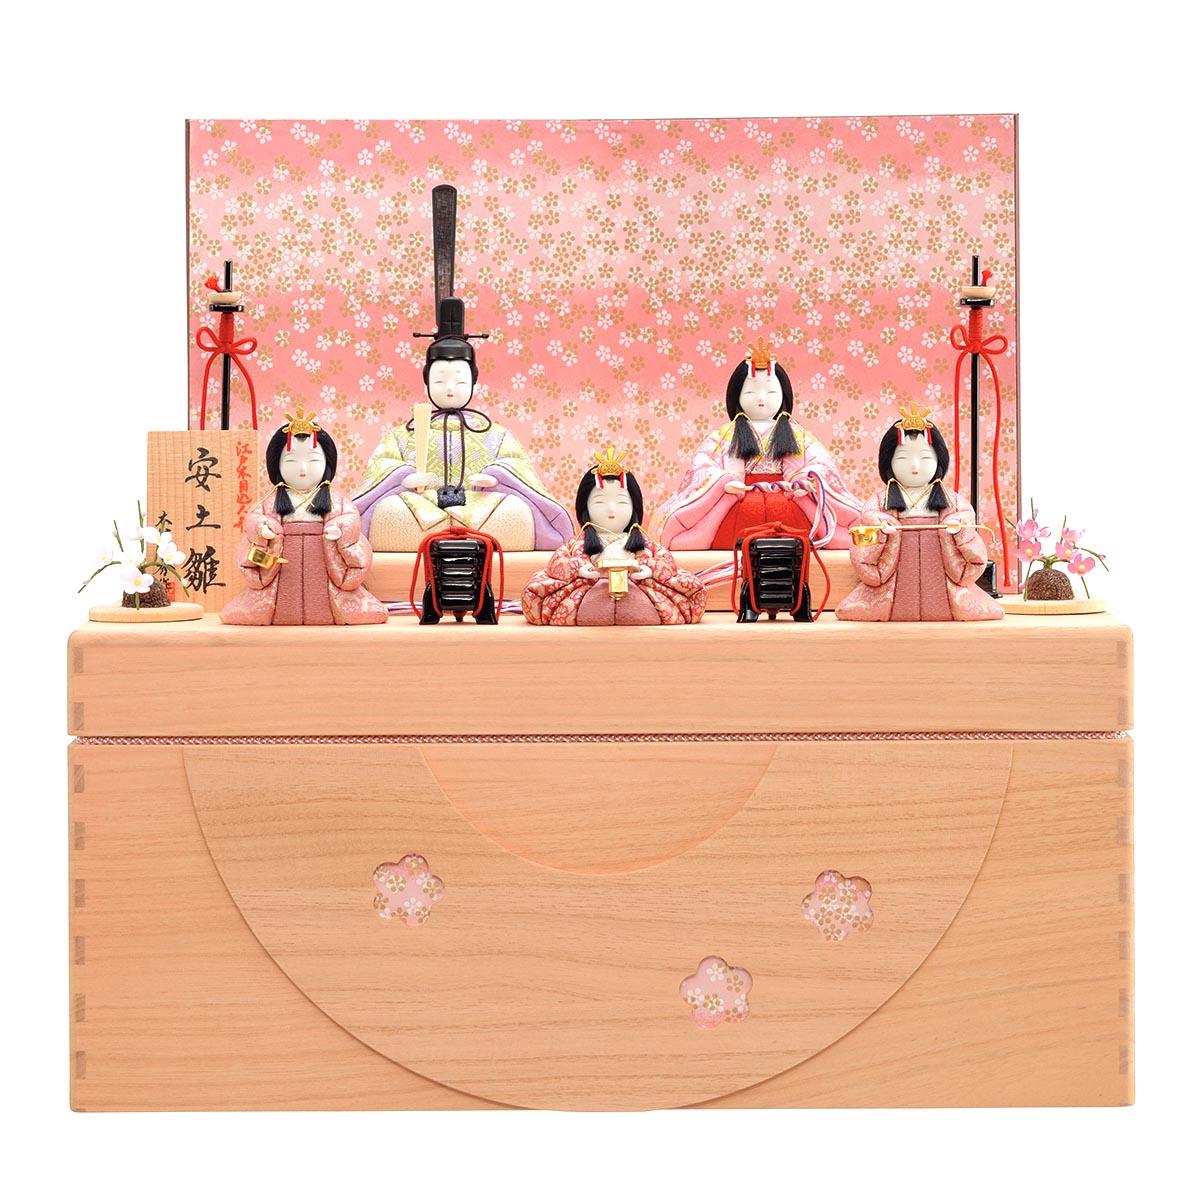 雛人形 一秀 コンパクト 木目込み飾り 五人飾り 安土雛 15-5号 桐収納飾り 雛人形 HNIS-I-10ひな人形 かわいい おしゃれ インテリア 雛 木目込人形飾り ひな人形 小さい ミニ [P20]